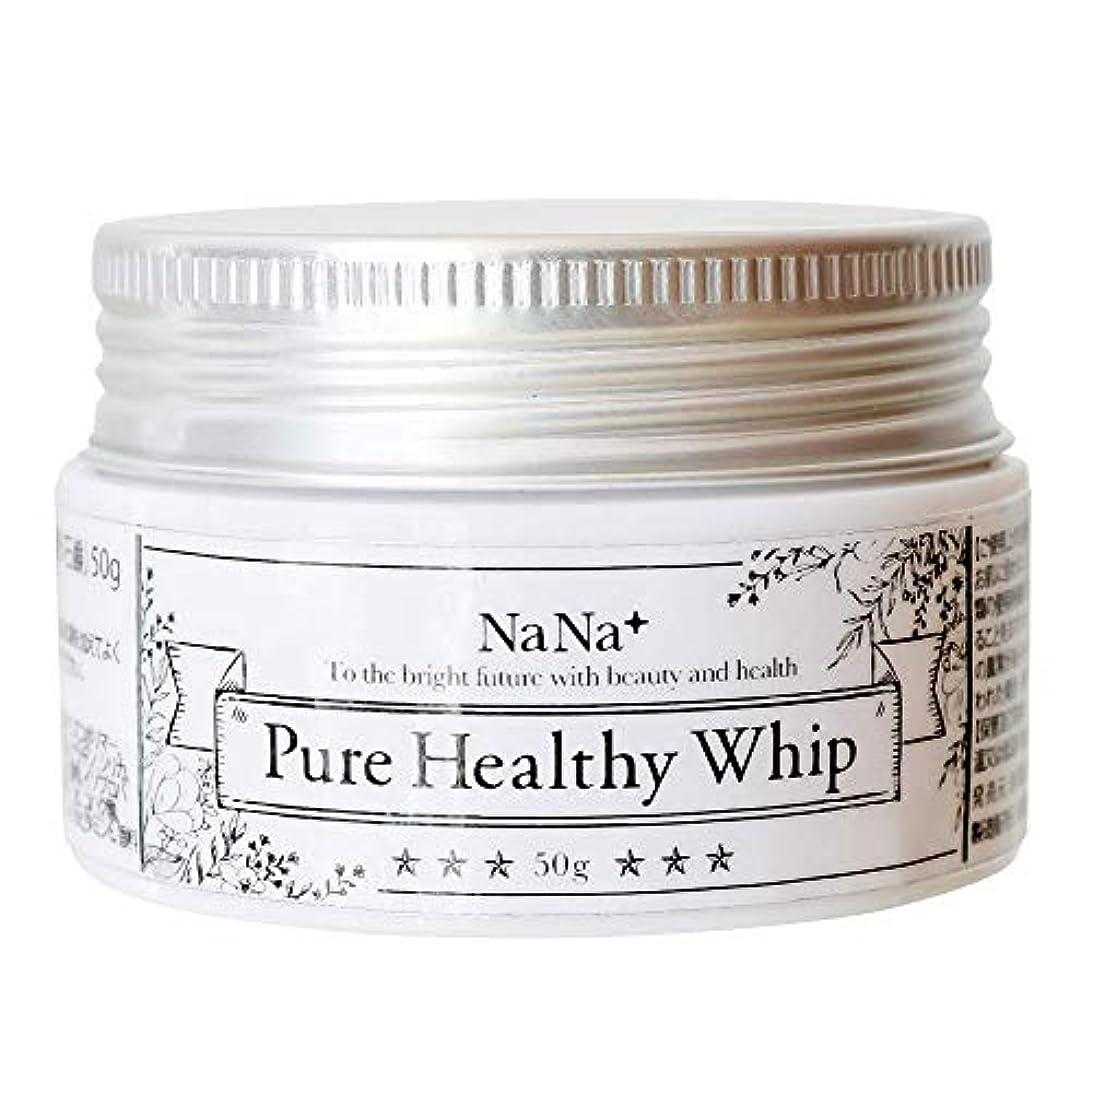 成り立つまろやかな北洗顔 生せっけん 敏感肌 乾燥肌 の 毛穴 くすみ 黒ずみ ケア 肌に優しい無添加  nana+ピュアヘルシーホイップ